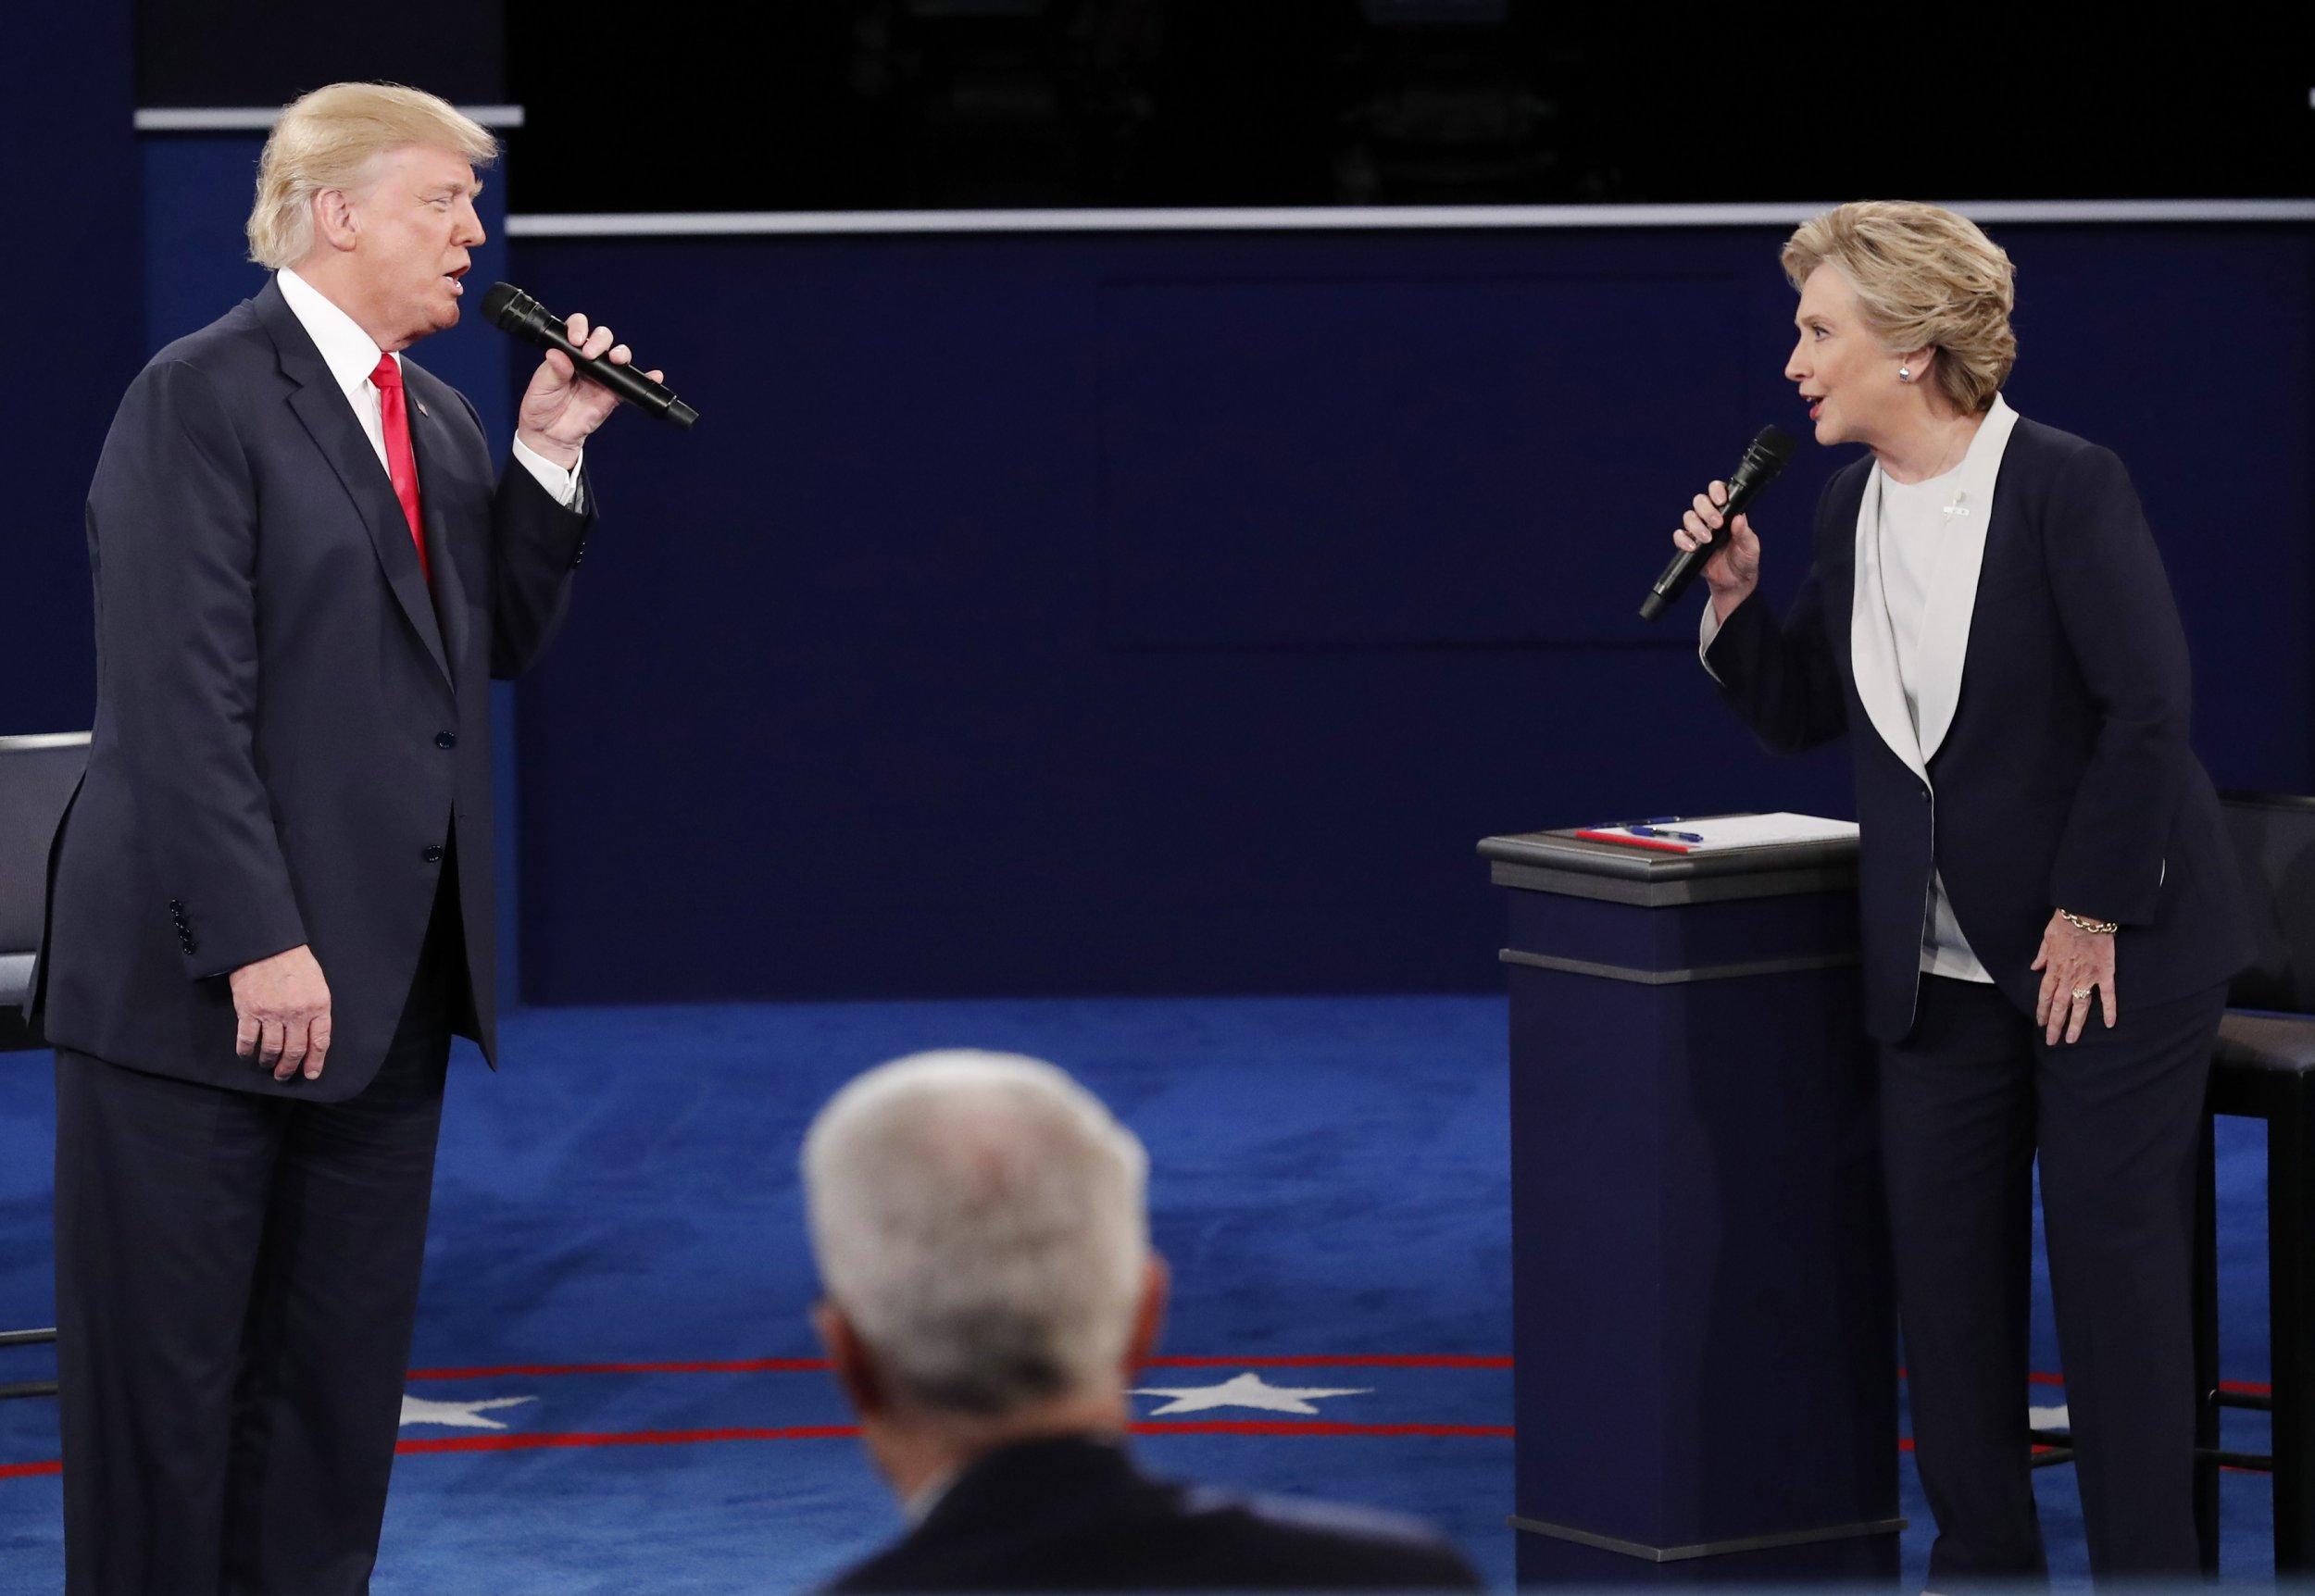 HillaryTrump